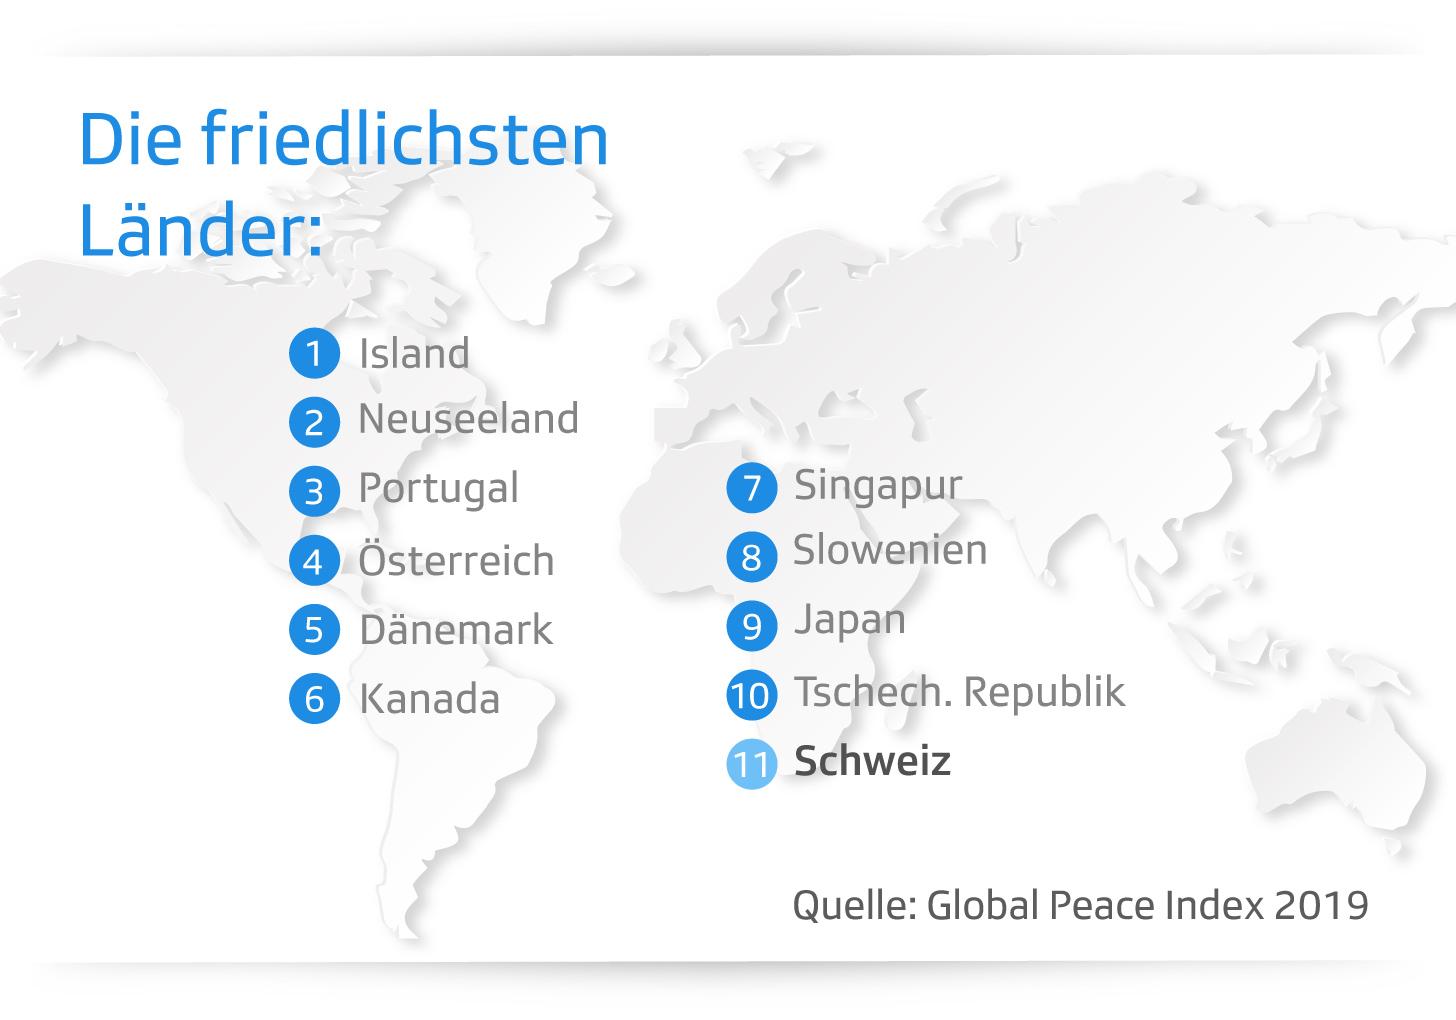 Grafik zeigt Liste der friedlichsten Länder